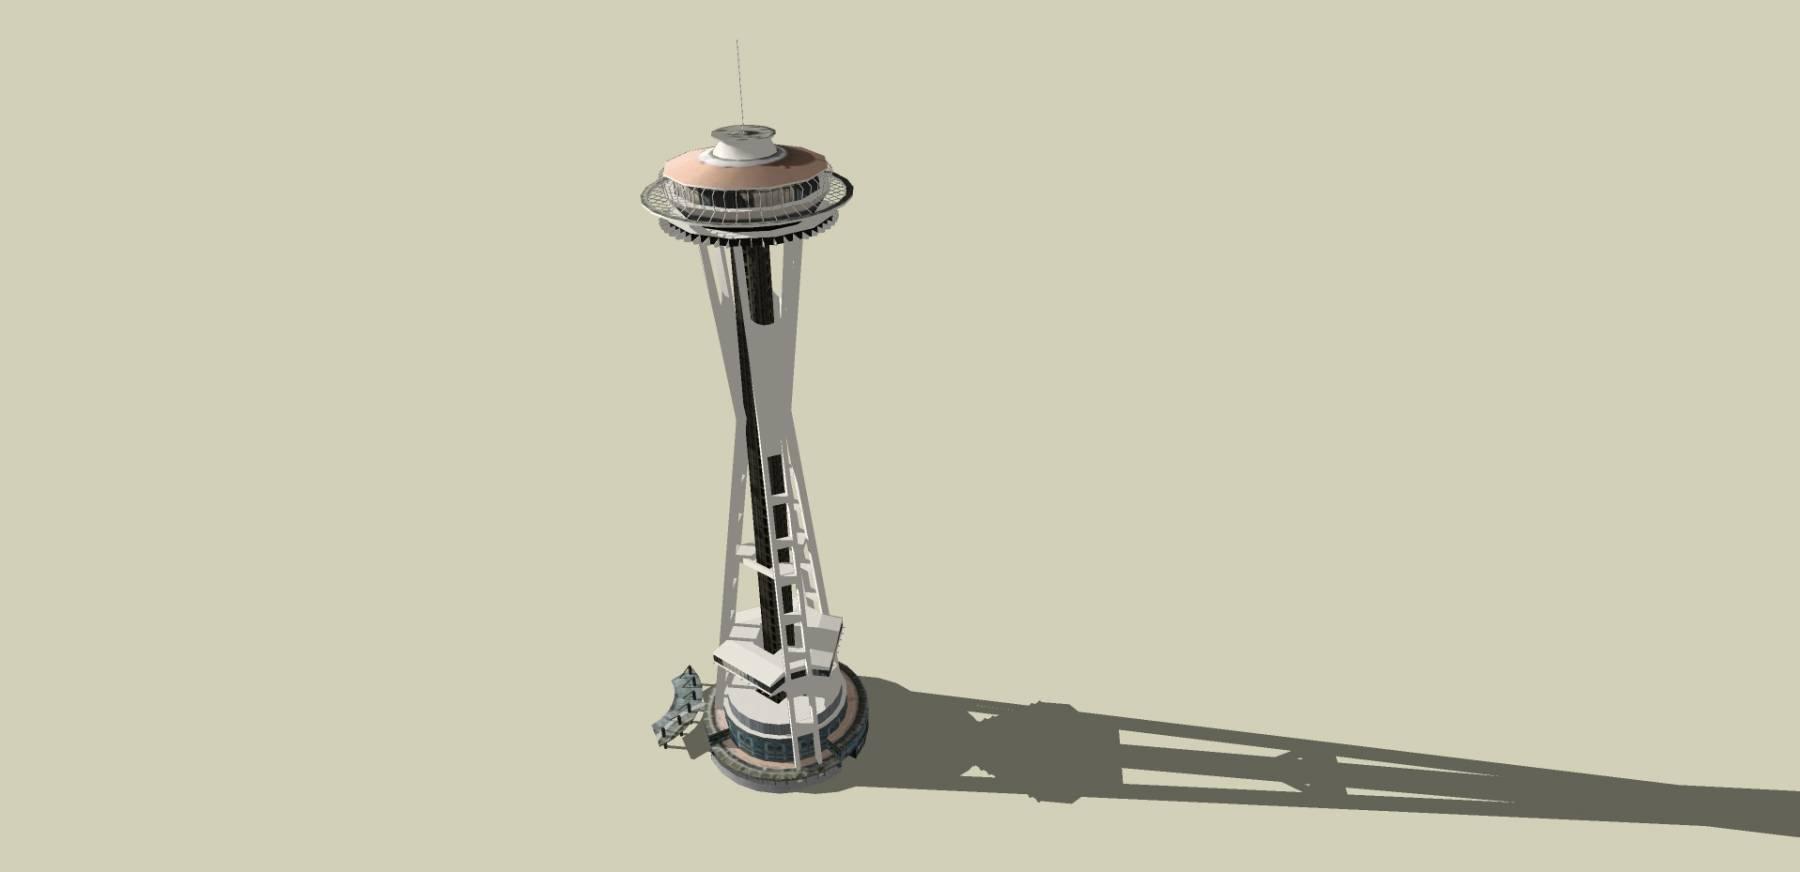 电视台 发射塔 现代 102608